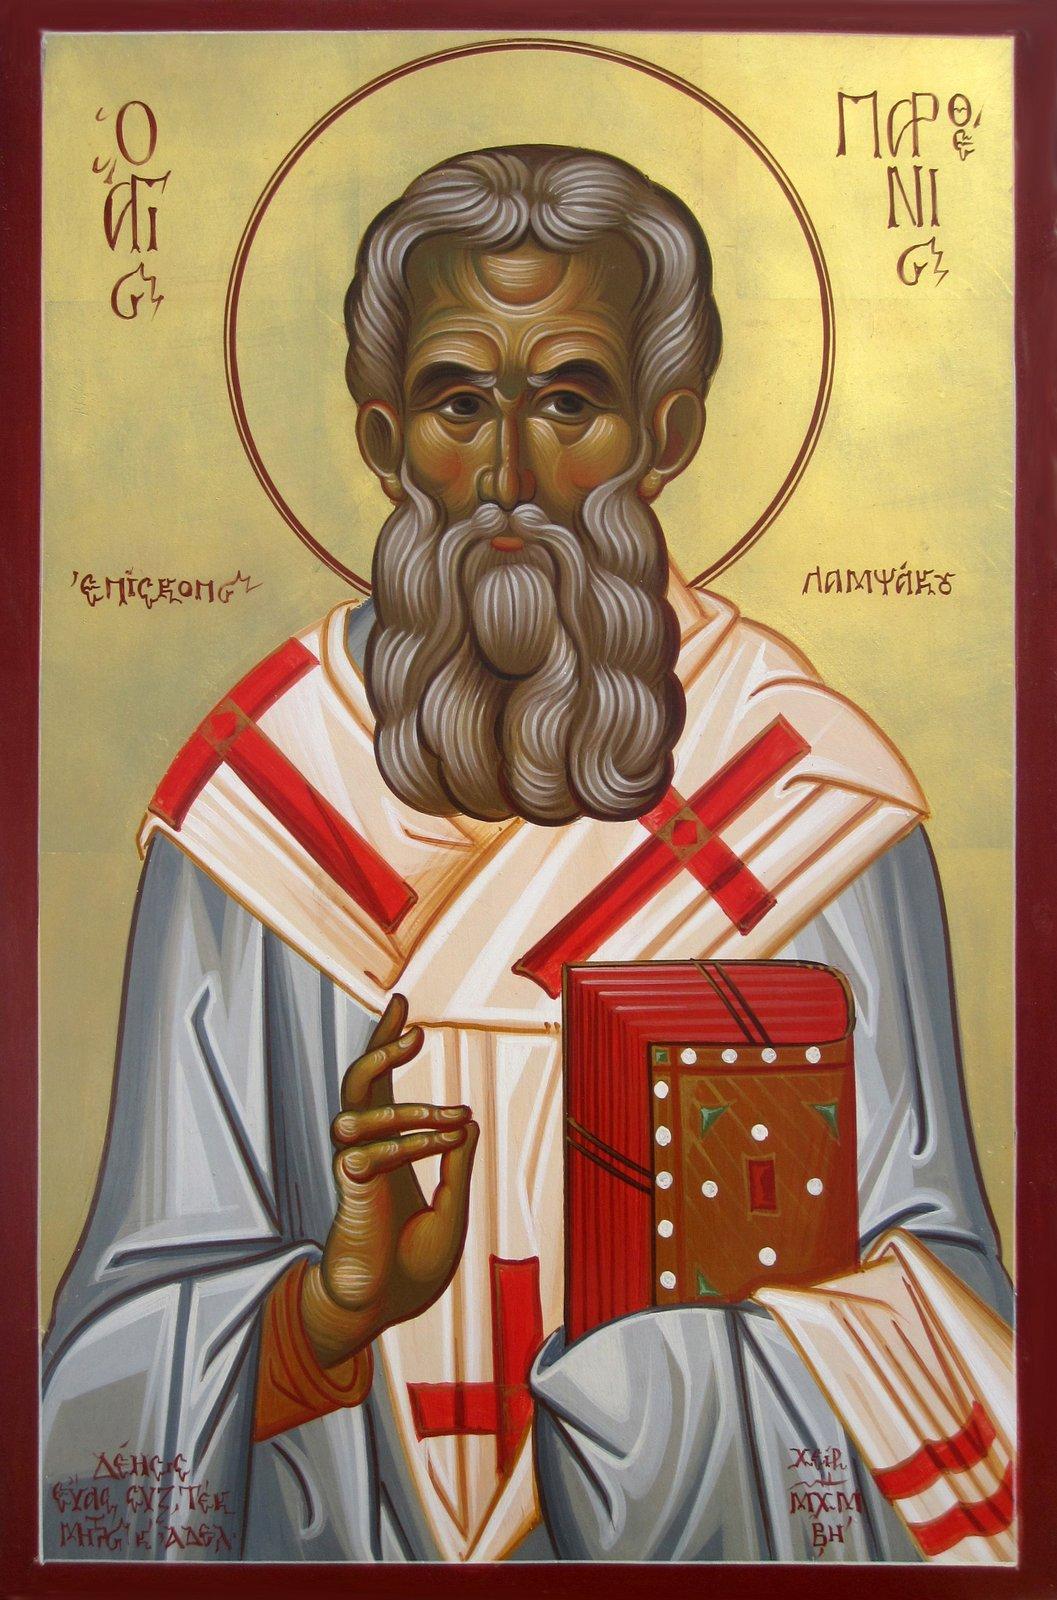 Αγιος Παρθένιος Επίσκοπος Λαμψάκου (προστάτης των καρκινοπαθών, (7 Φεβρουαρίου)